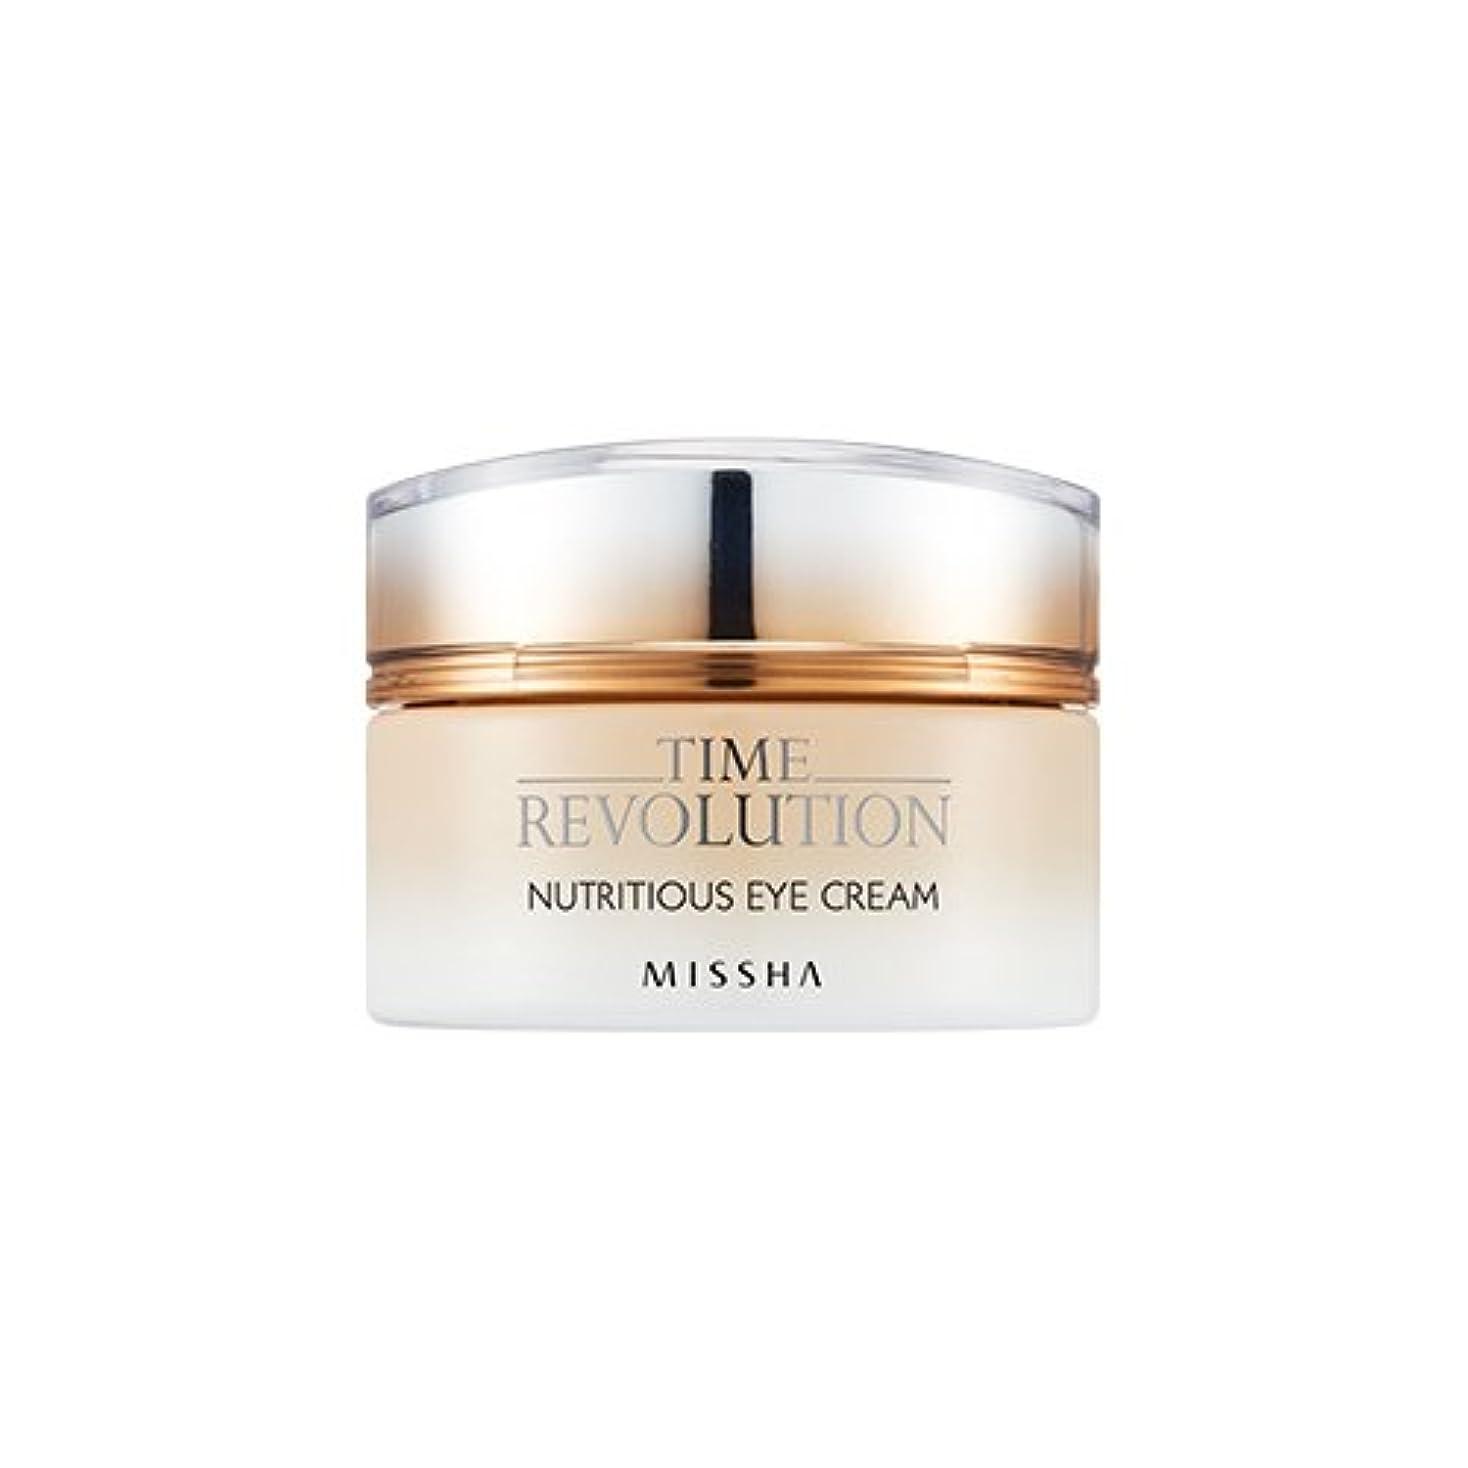 ドループ検査受信[New] MISSHA Time Revolution Nutritious Eye Cream 25ml/ミシャ タイム レボリューション ニュートリシャス アイクリーム 25ml [並行輸入品]